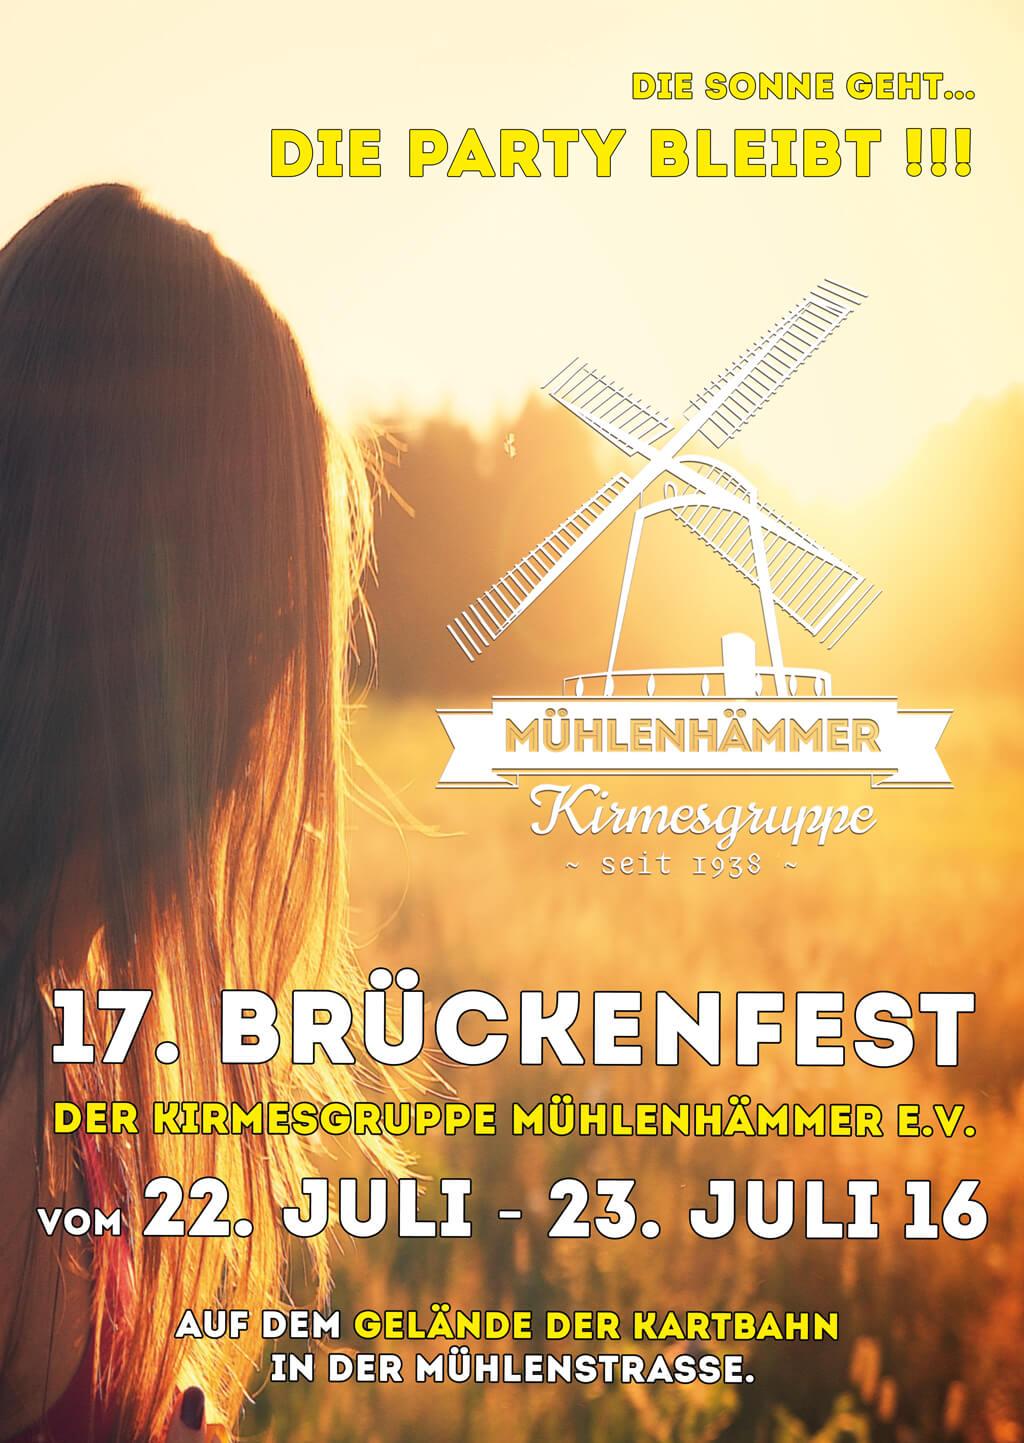 Brückenfest | Kirmesgruppe Mühlenhämmer